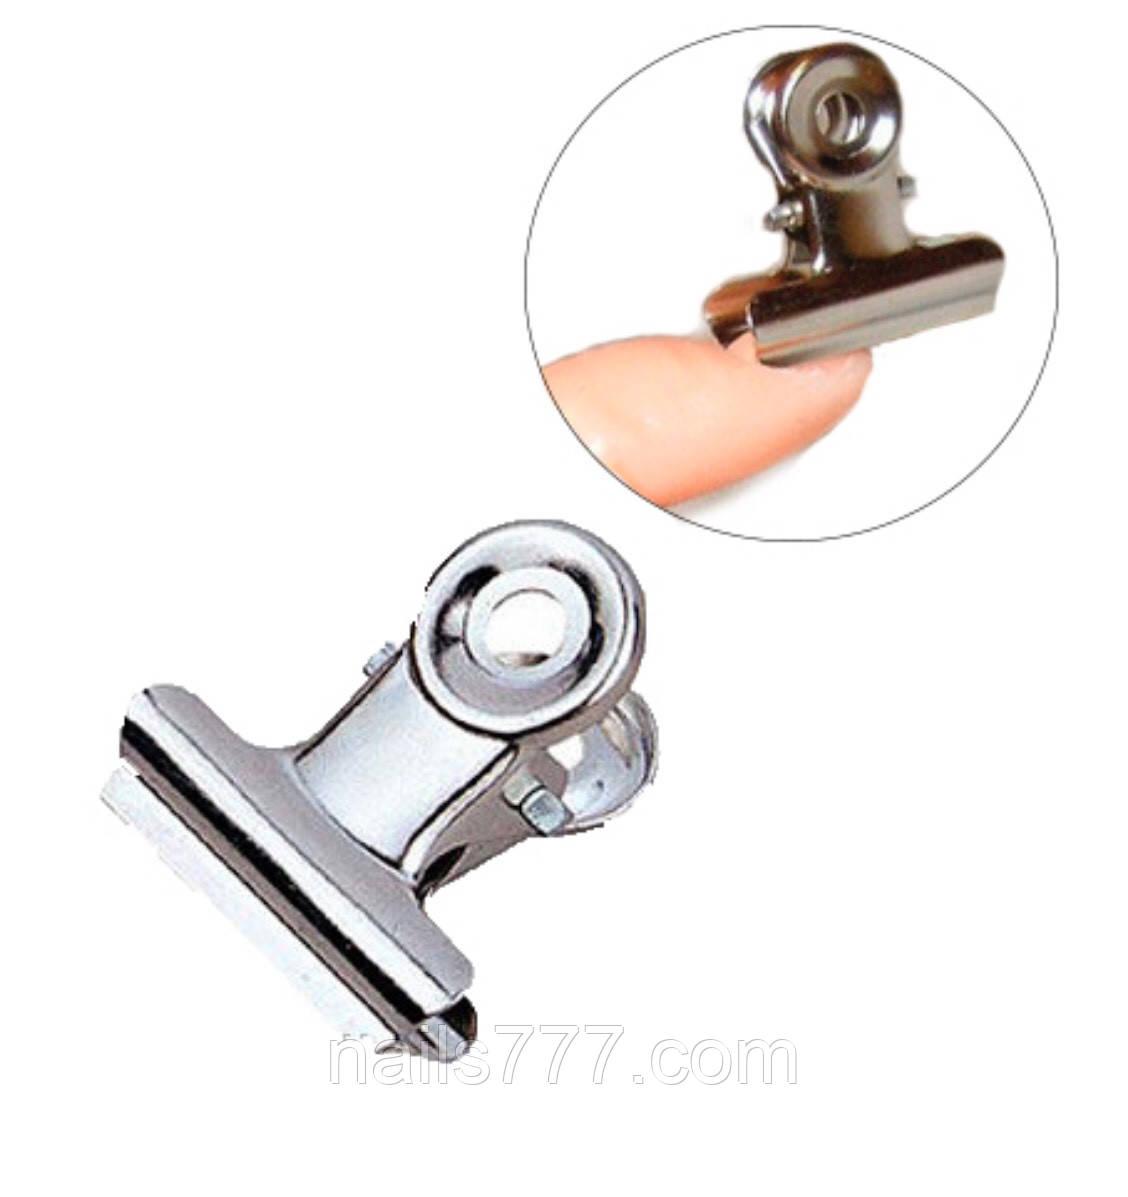 Прищепка для зажима ногтей металлическая маленькая